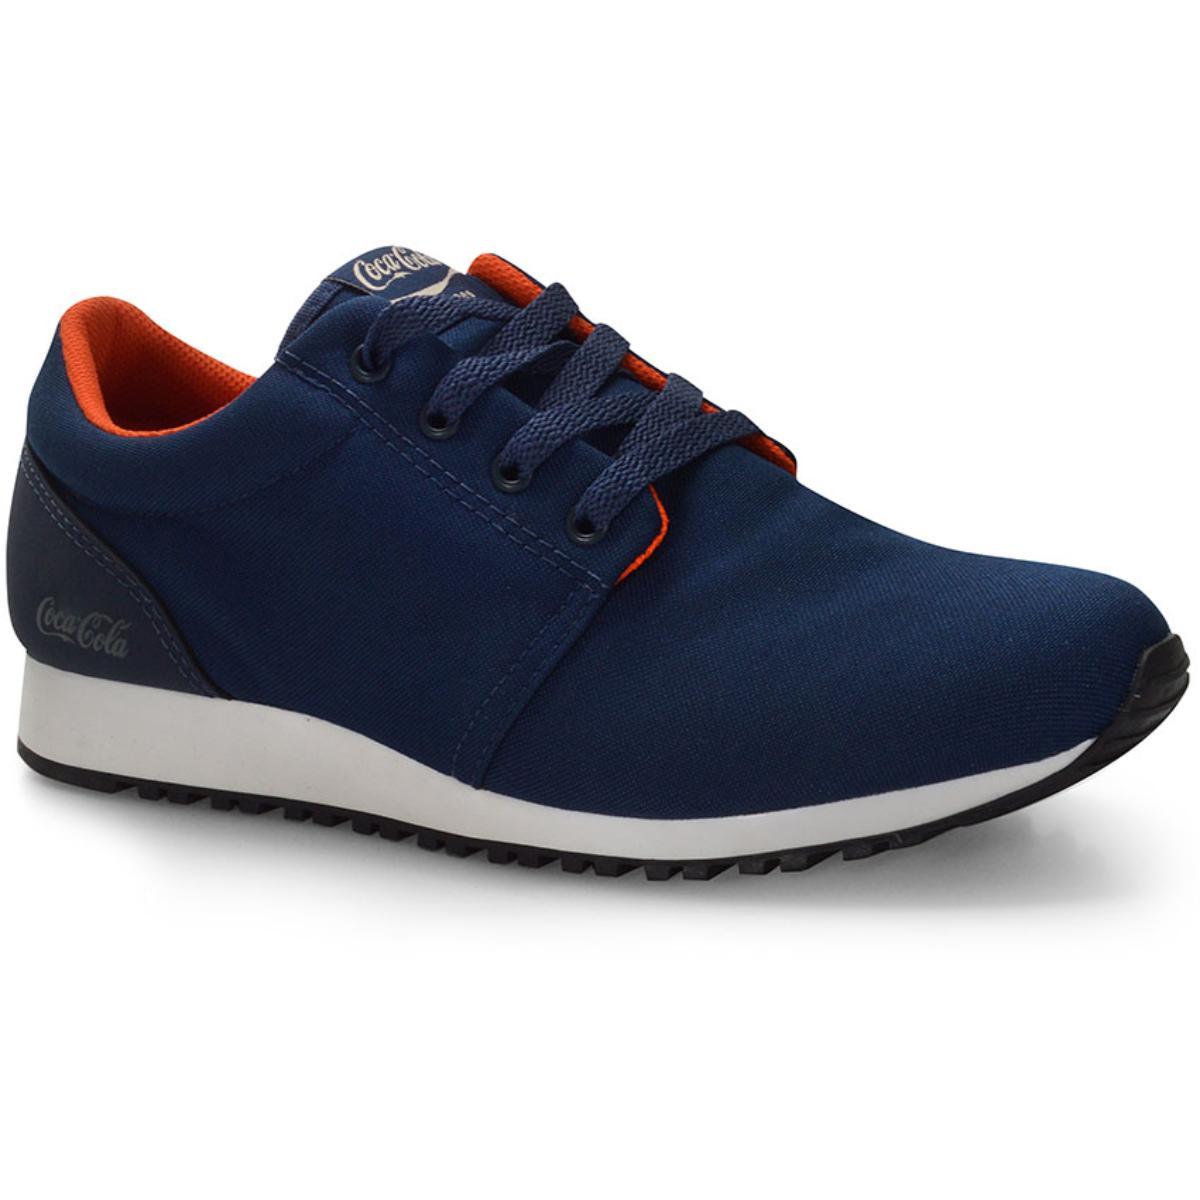 Tênis Masculino Coca-cola Shoes Cc1483 Petróleo/laranja